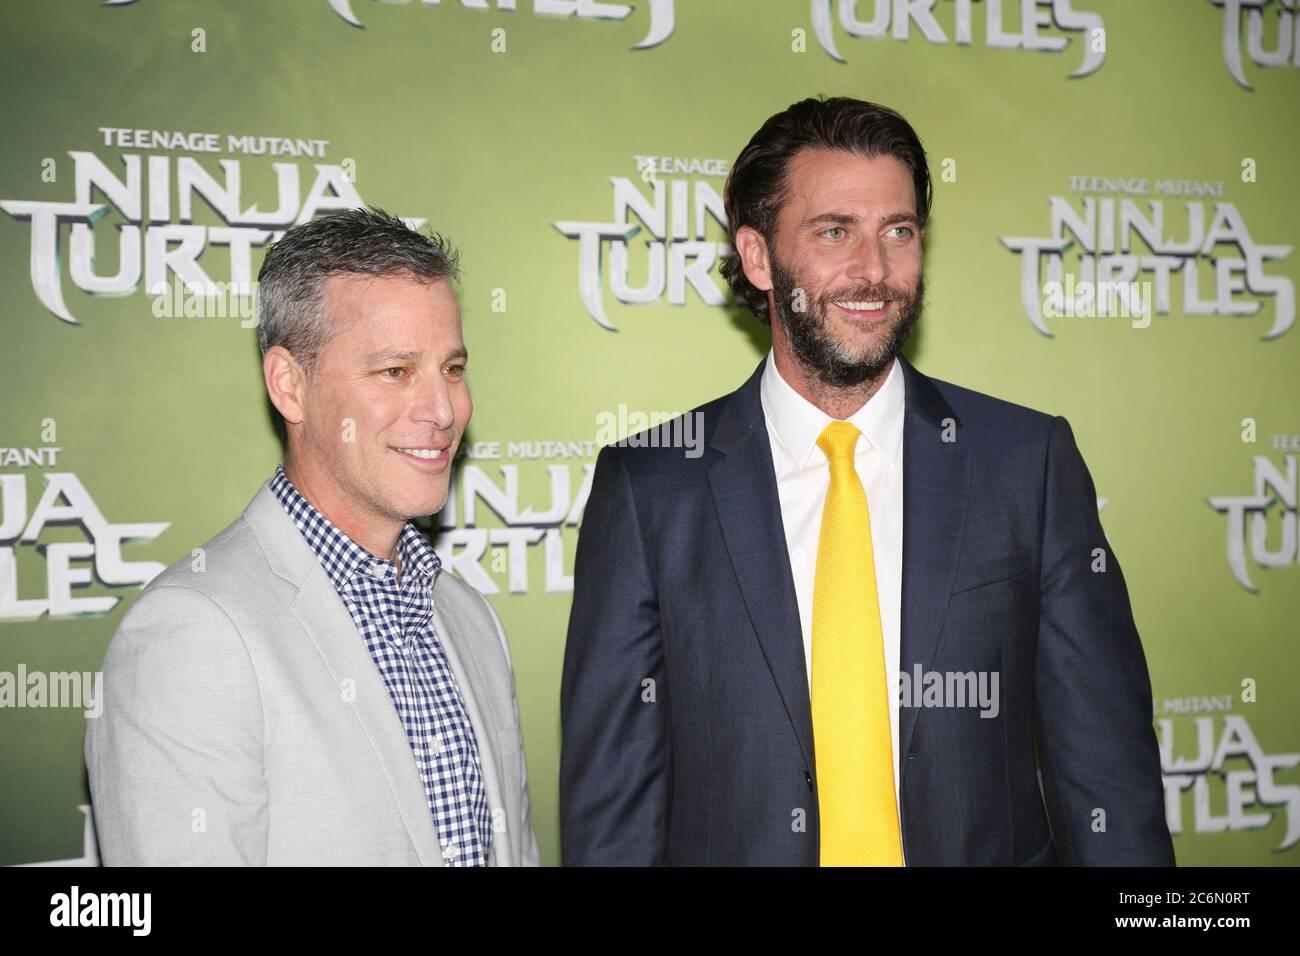 Les producteurs Brad Fuller et Andrew Form arrivent sur le tapis vert pour la projection d'événements spéciaux au cinéma Hoyts, au quartier des divertissements, sur le chemin Lang Banque D'Images